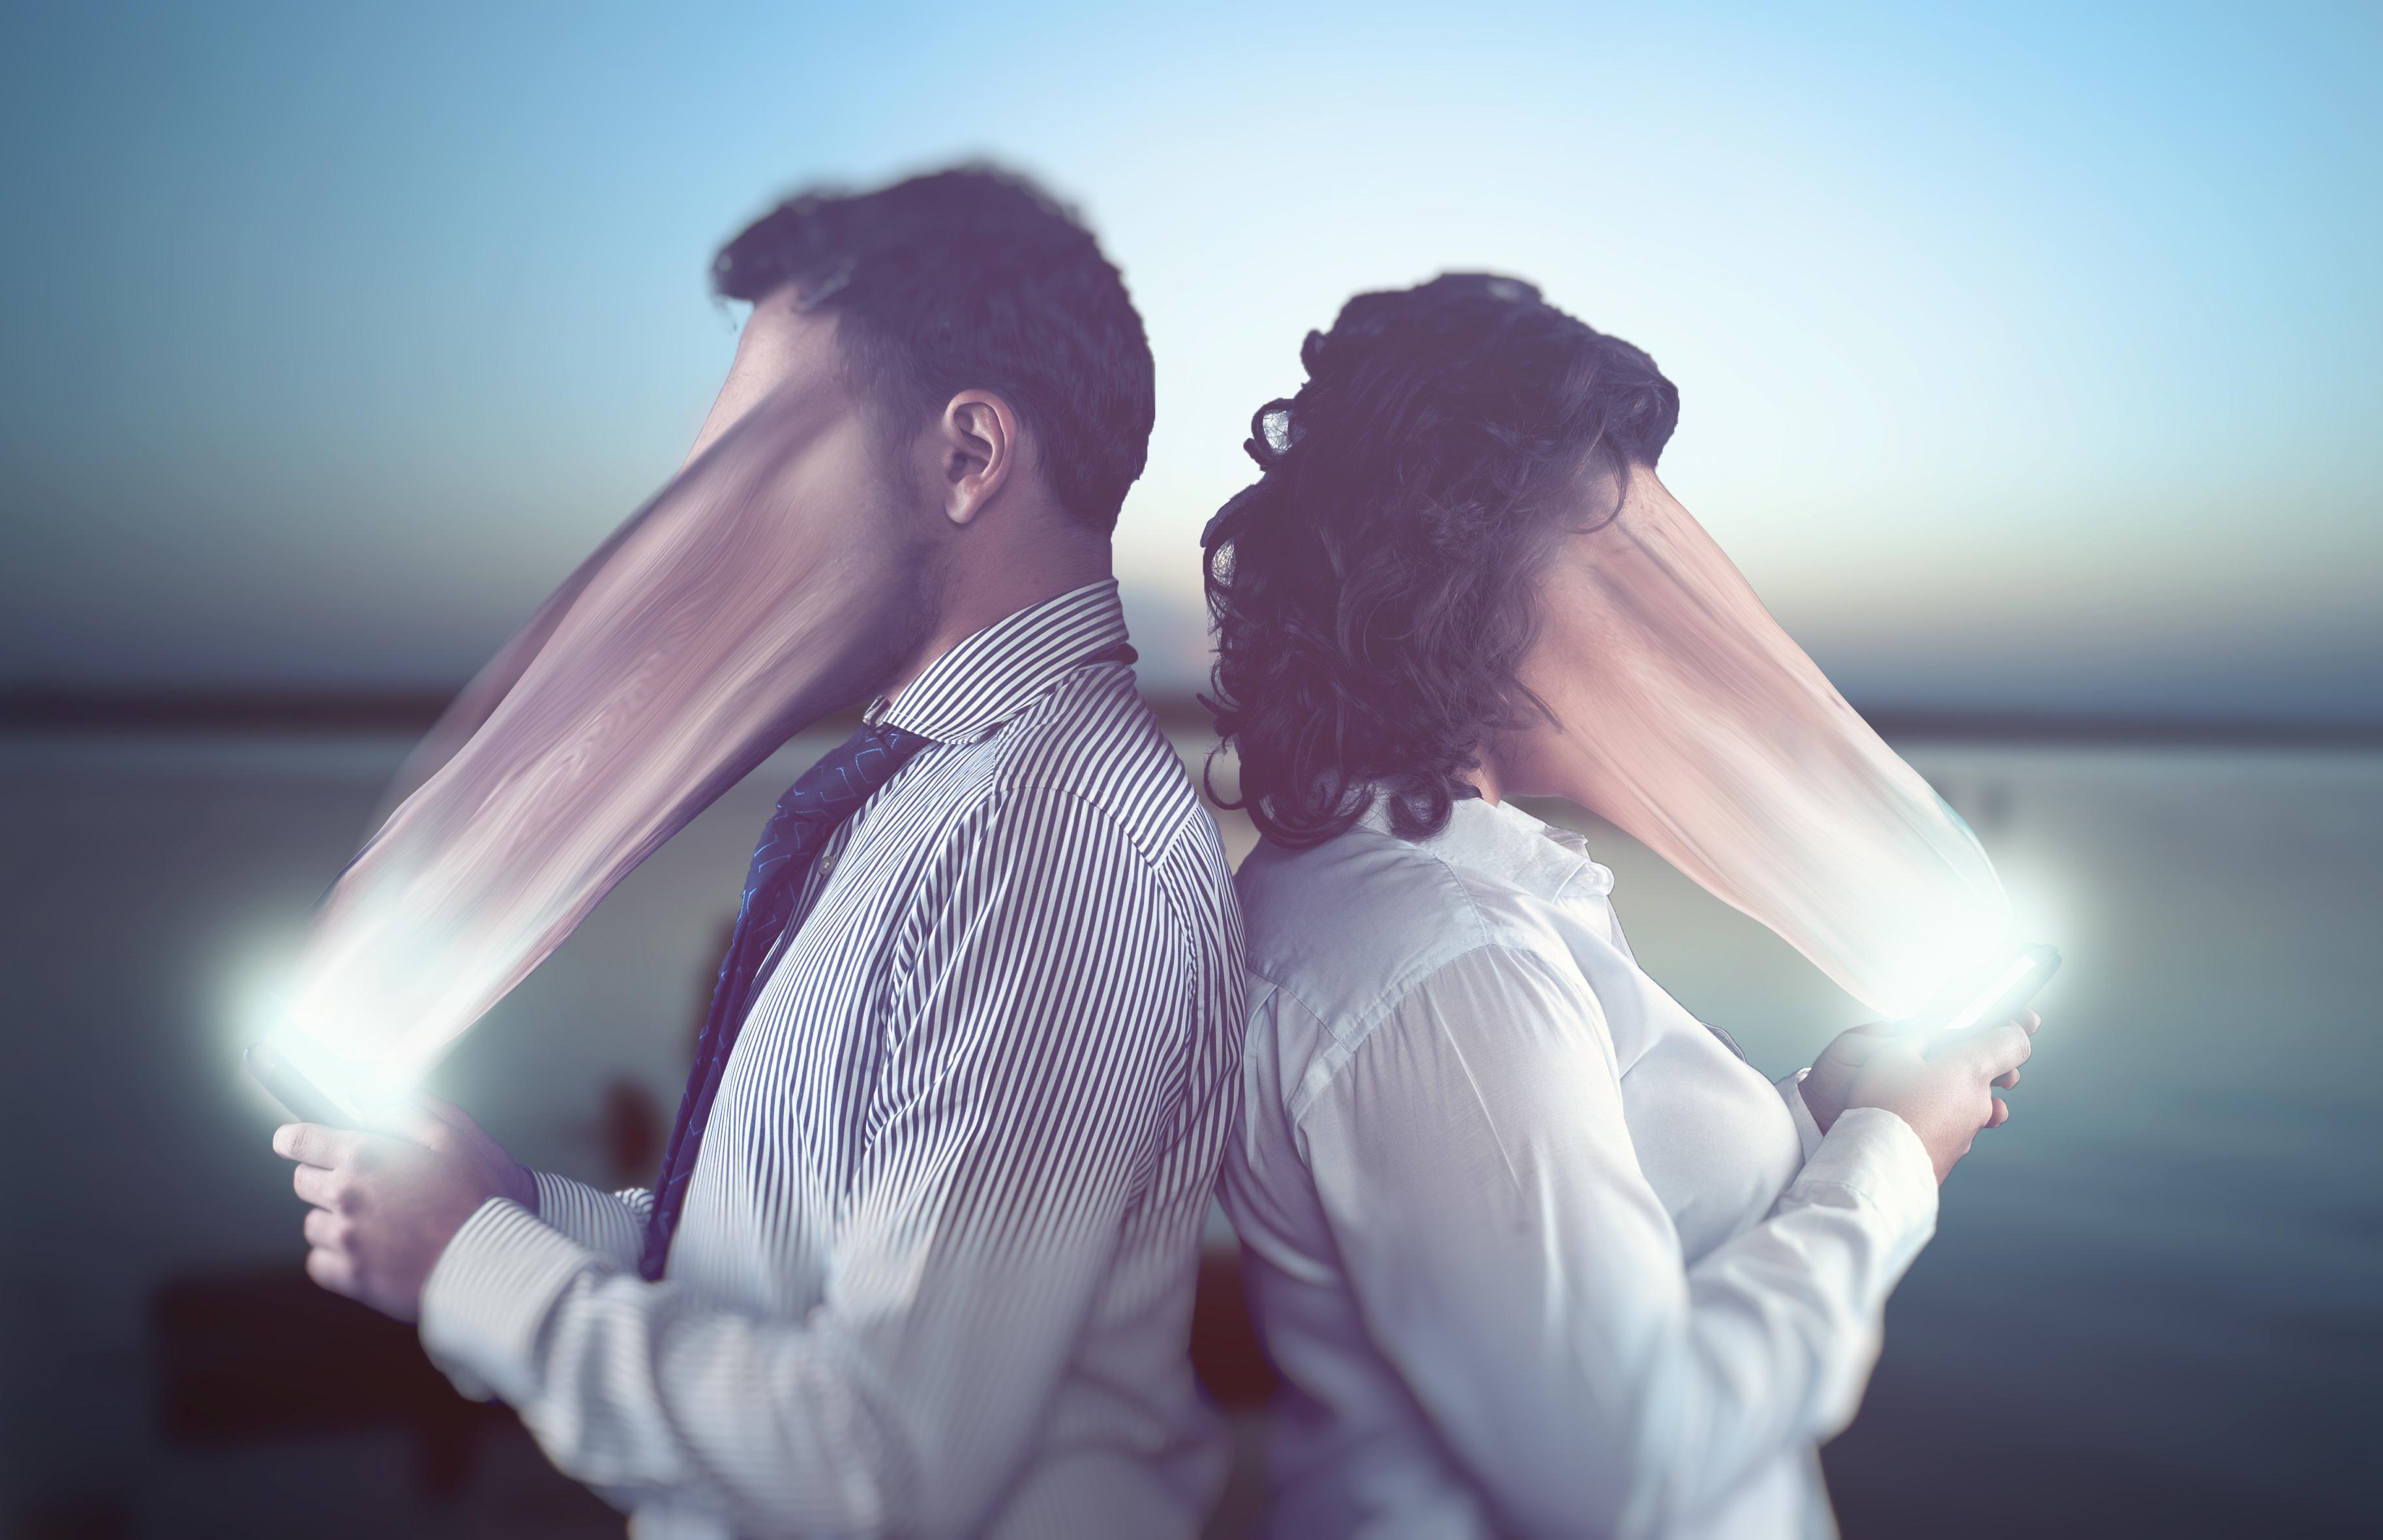 SoMe afhængighed - Ny undersøgelse:Stress kan gøre dig Facebook-afhængig